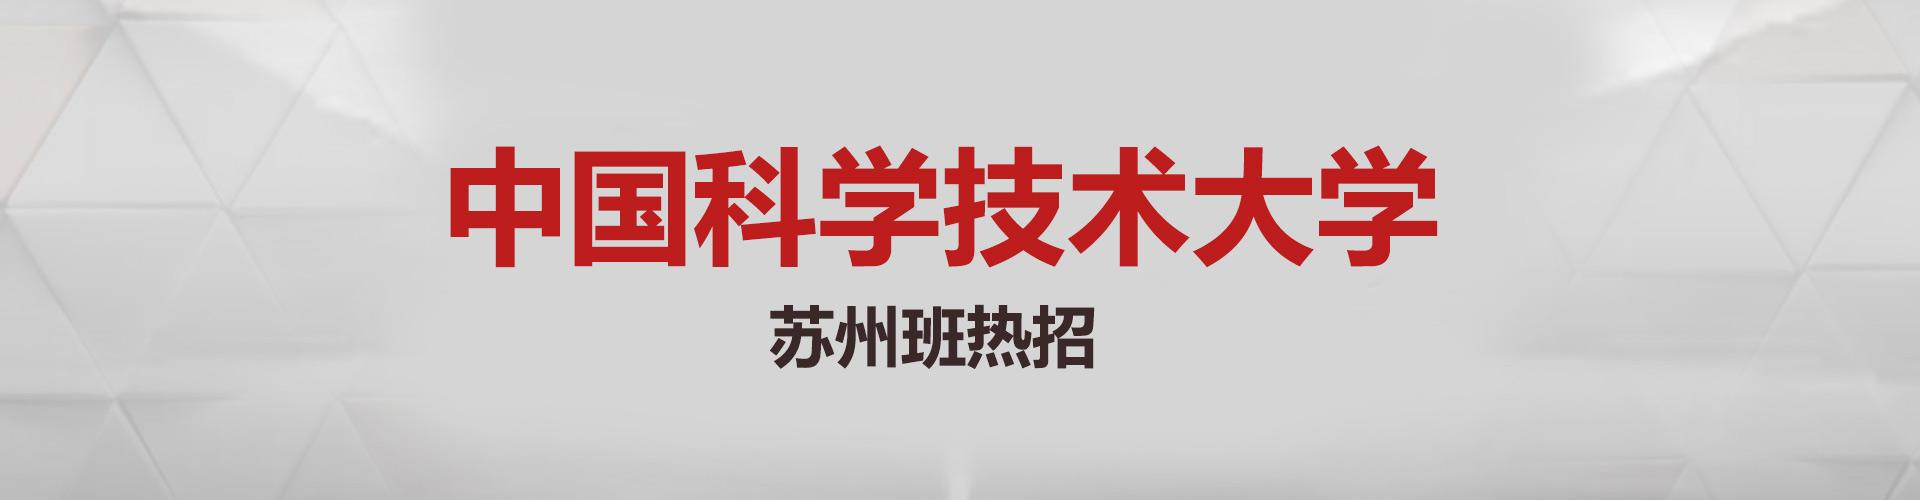 中国科技大学苏州班招生